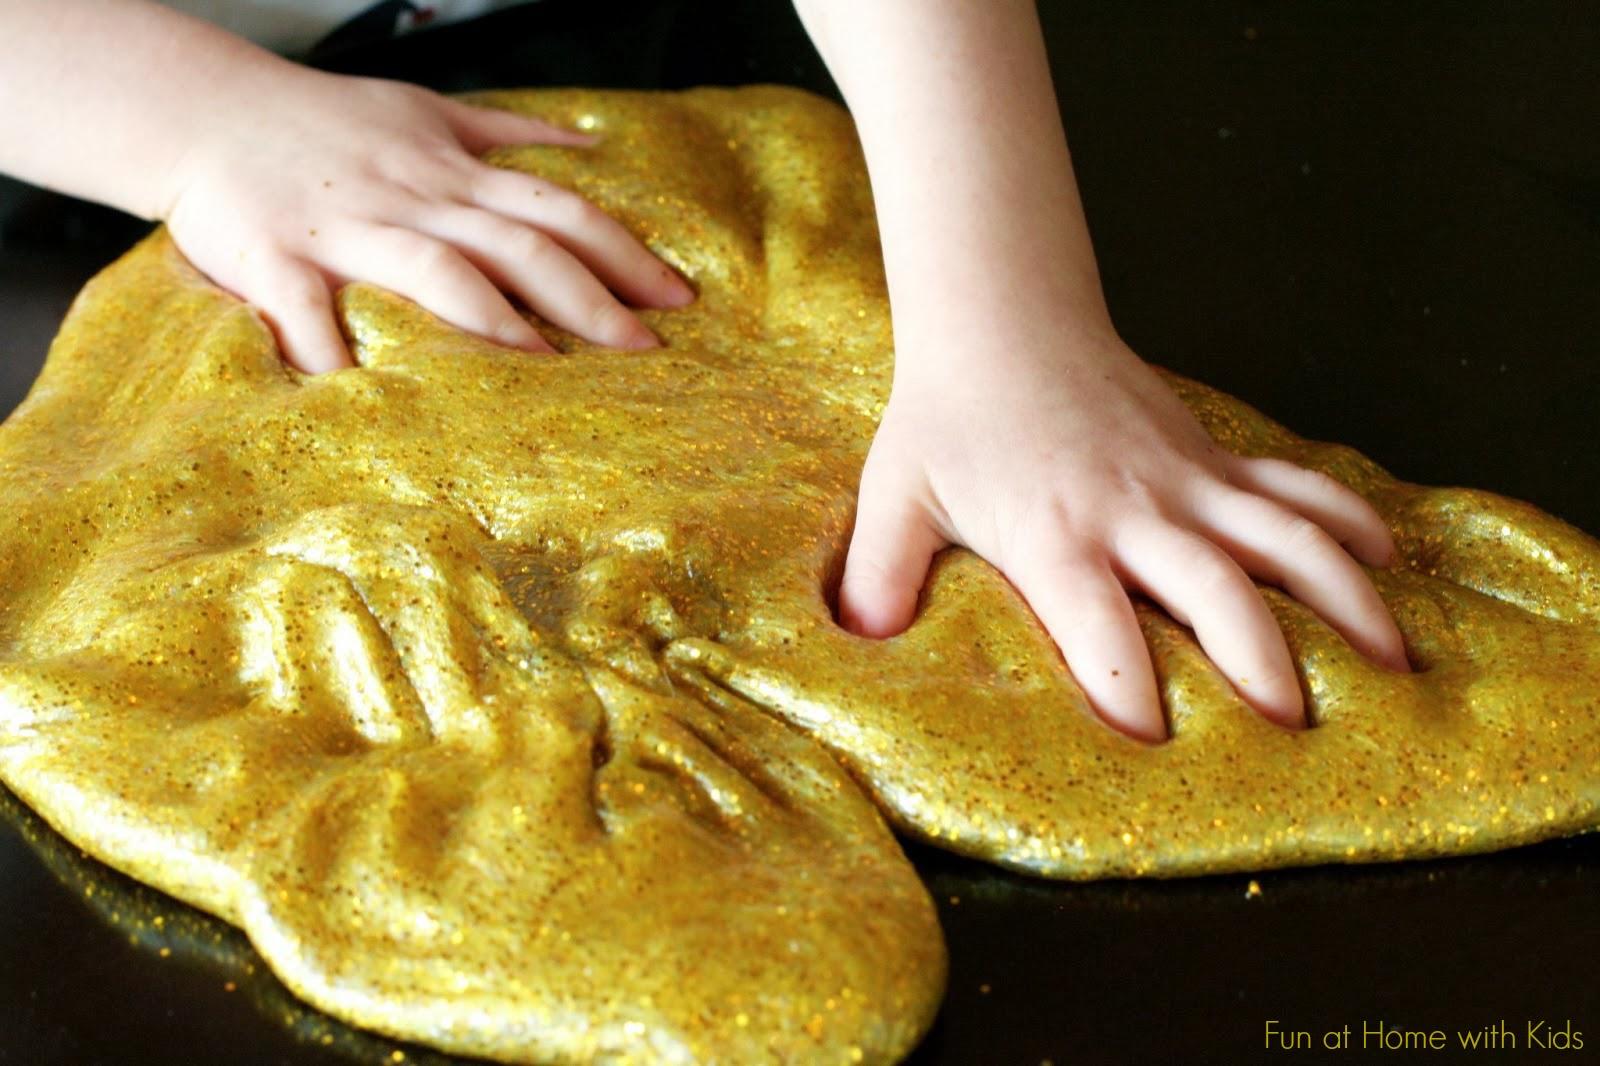 DIY golden glitter slime